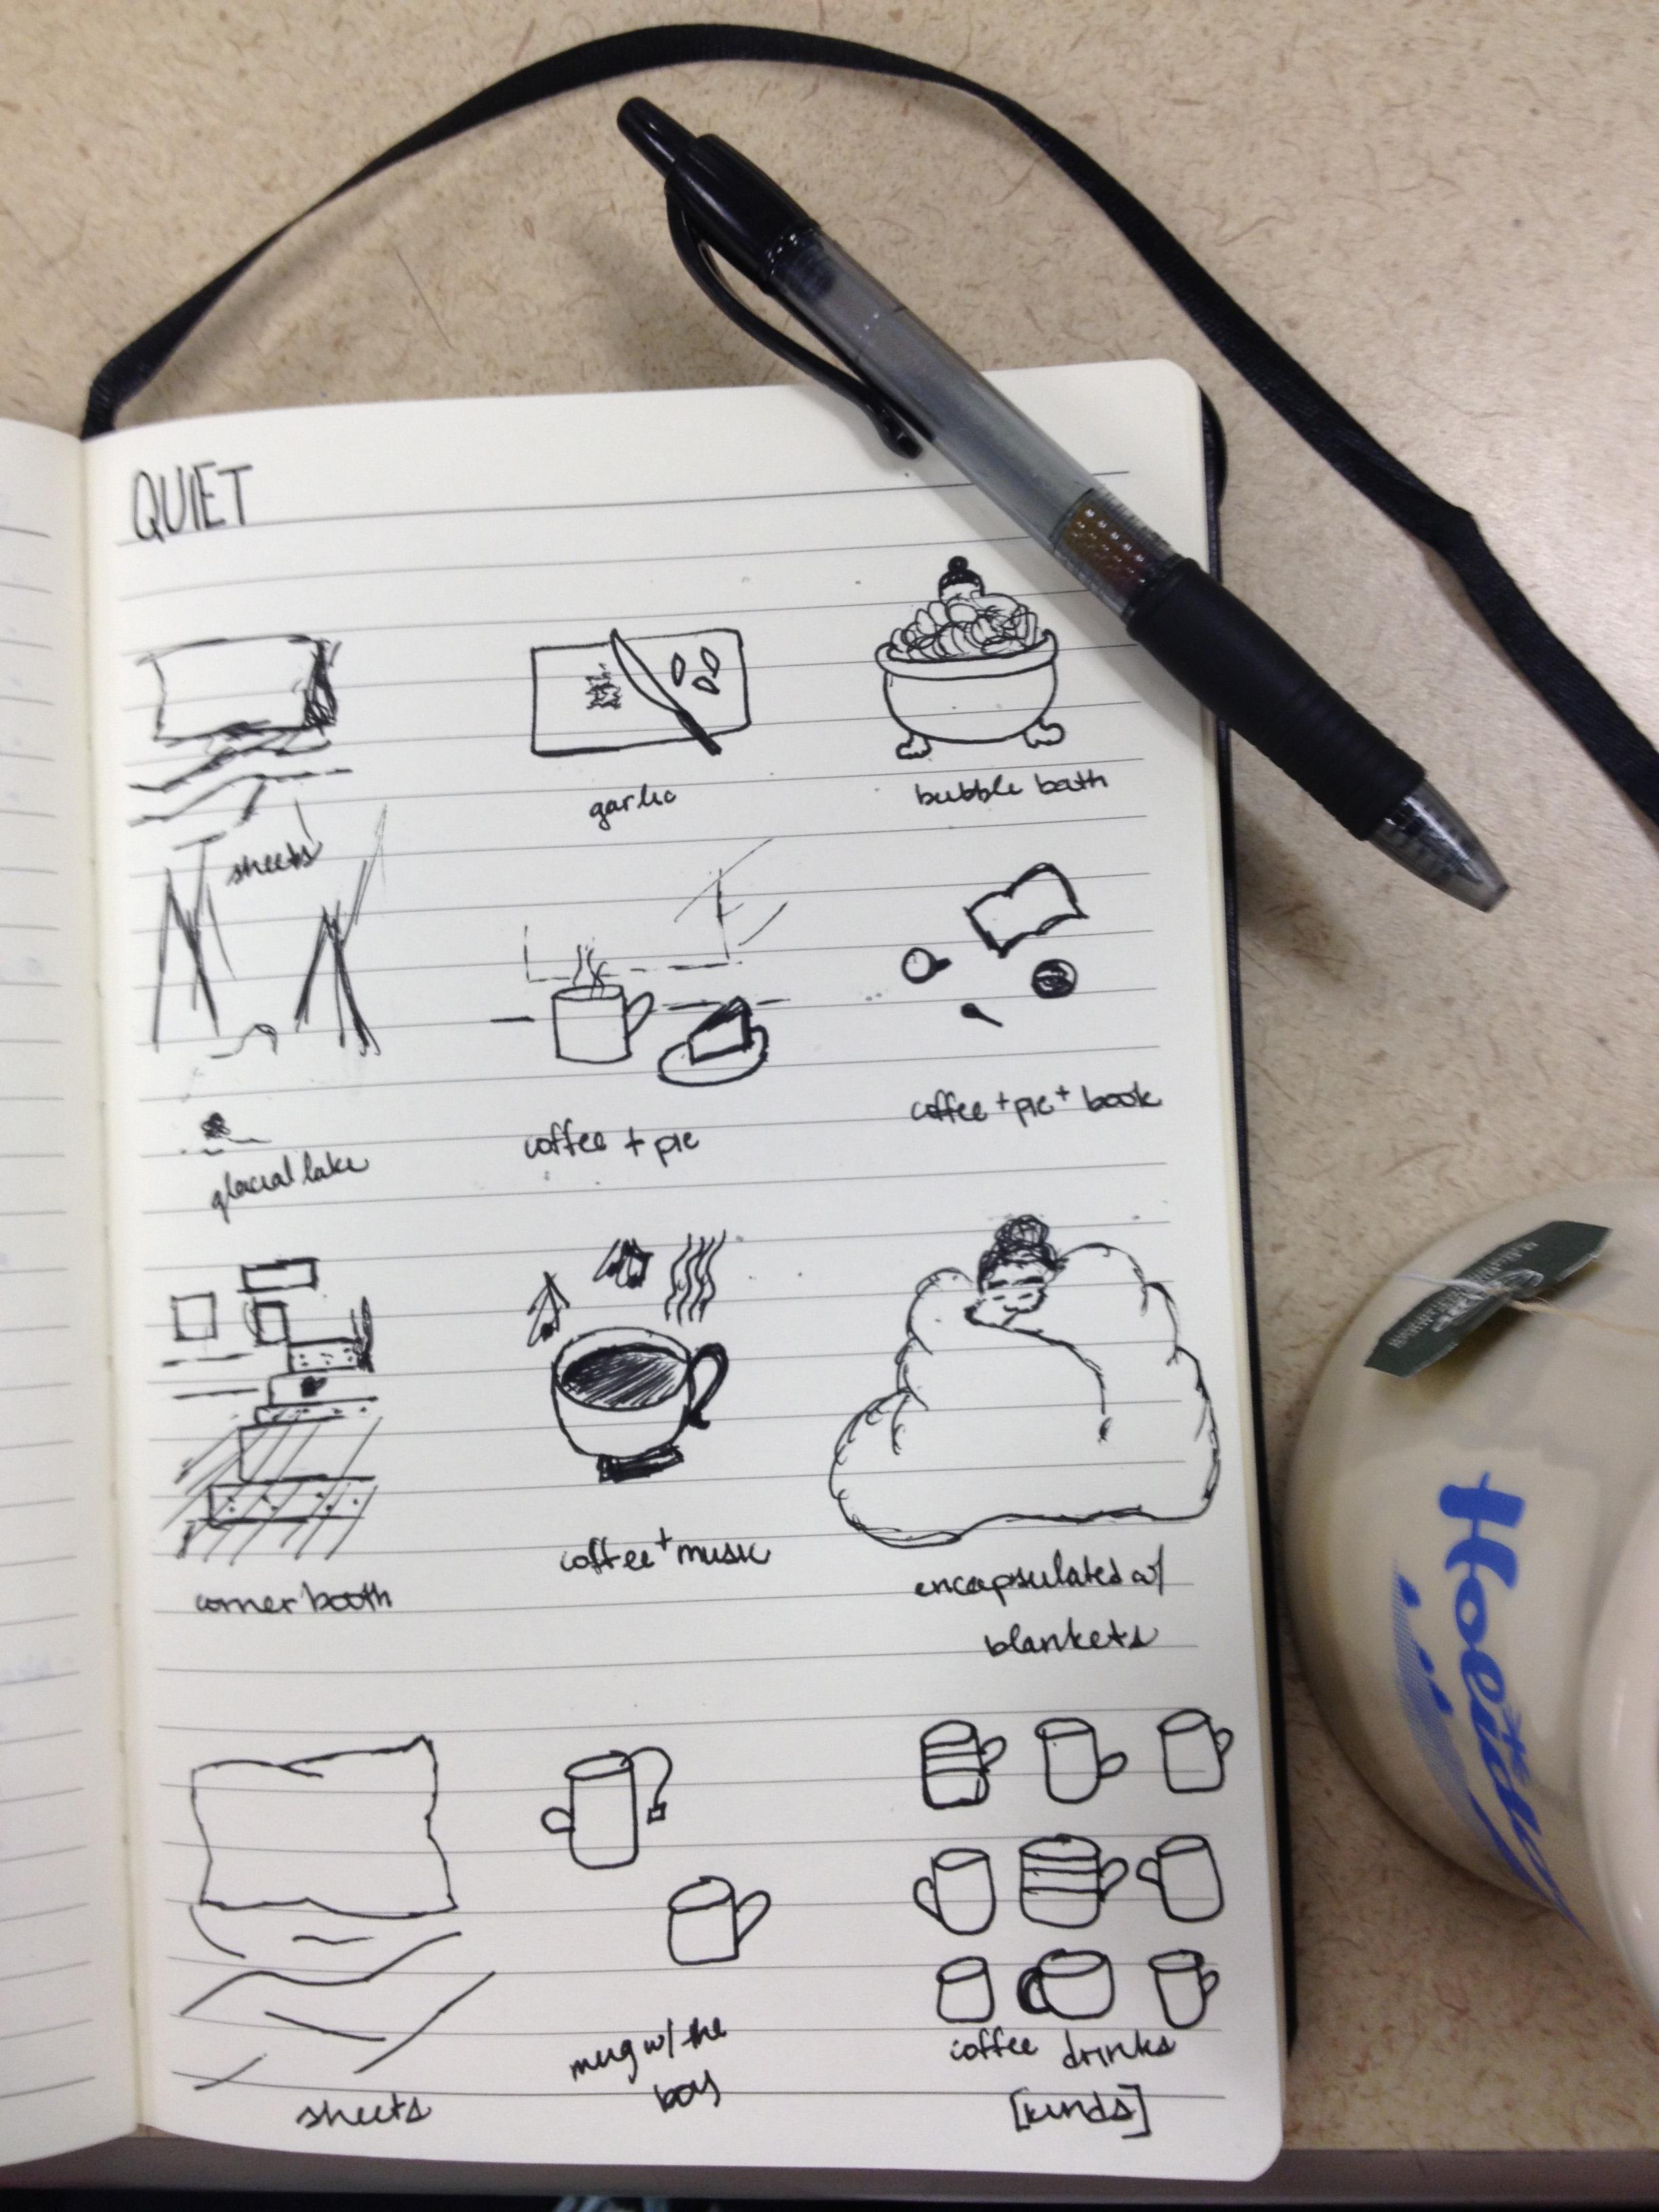 Quiet Sip, Quiet Slip - image 2 - student project